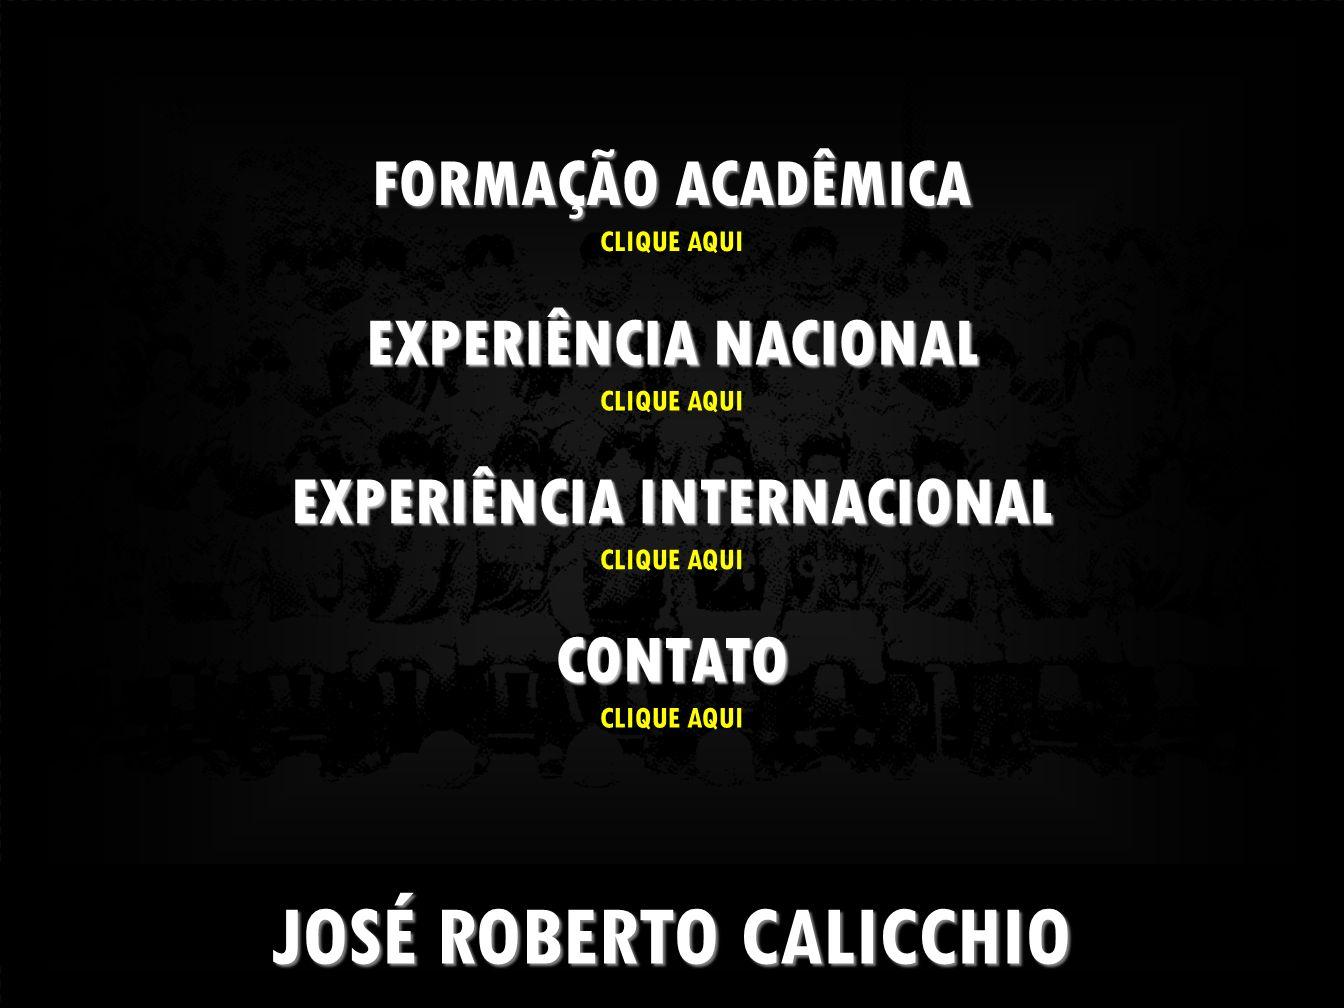 JOSÉ ROBERTO CALICCHIO